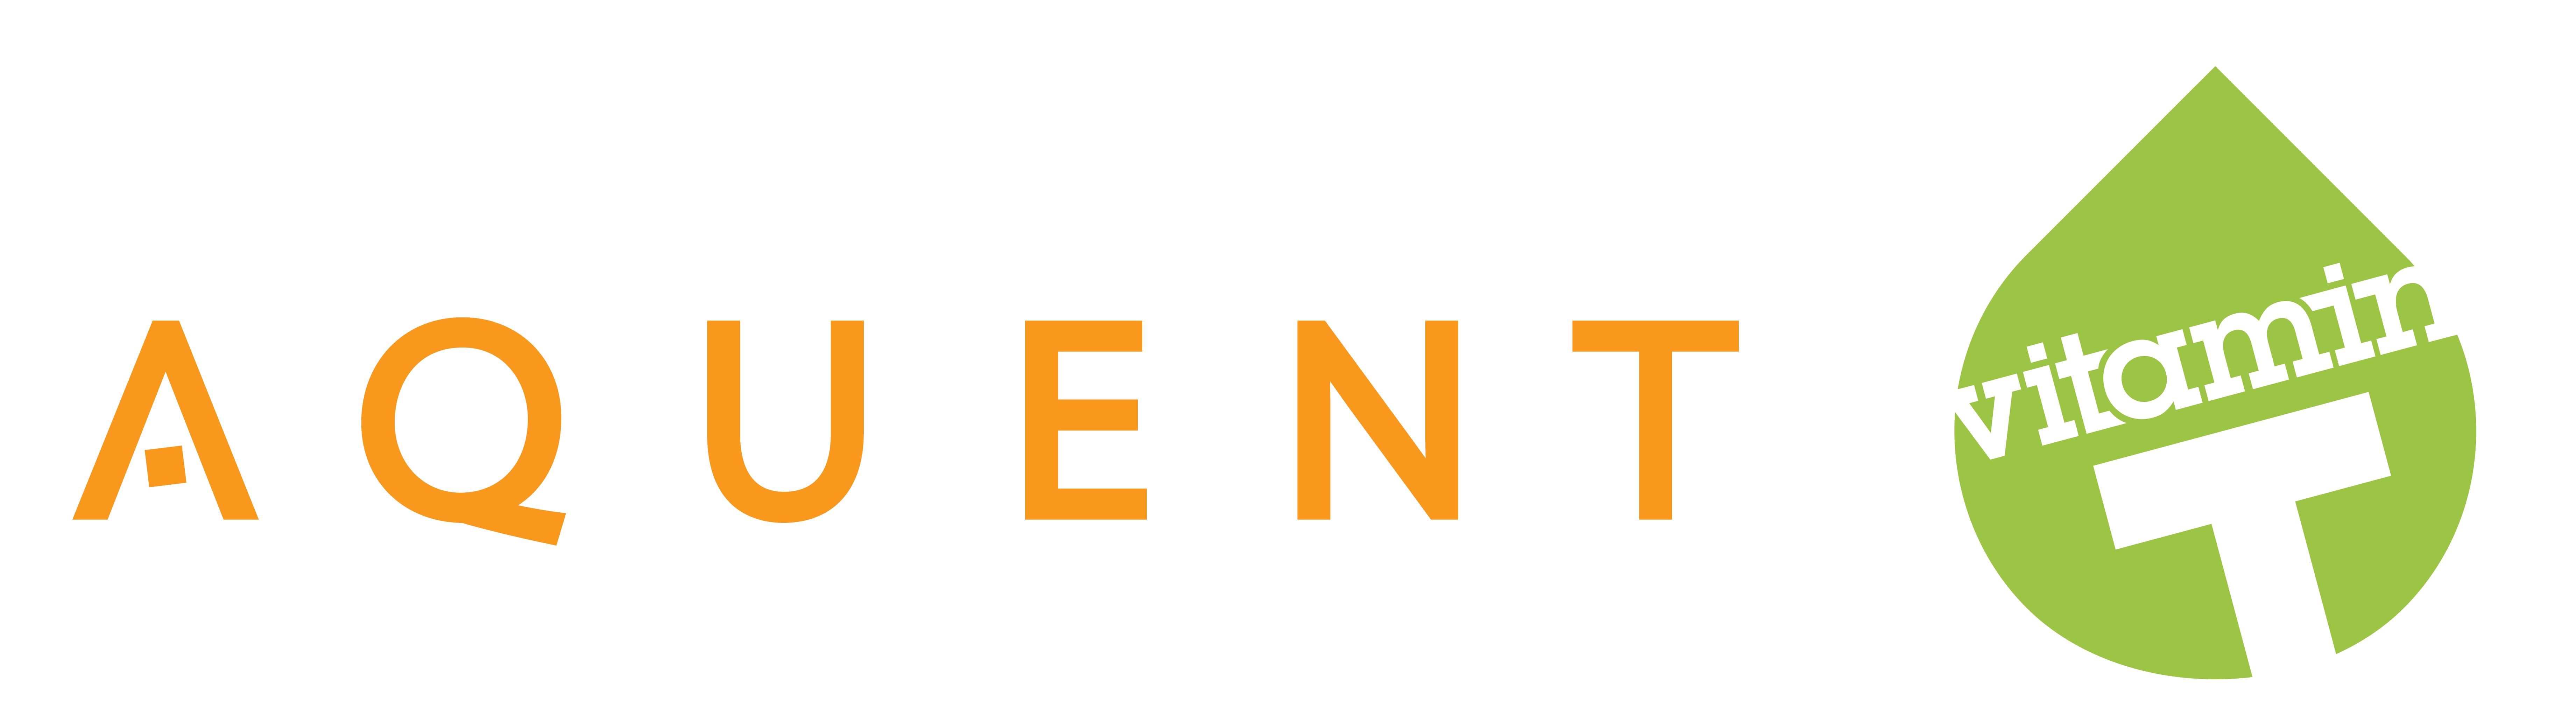 Aquent and Vitamin T Logo